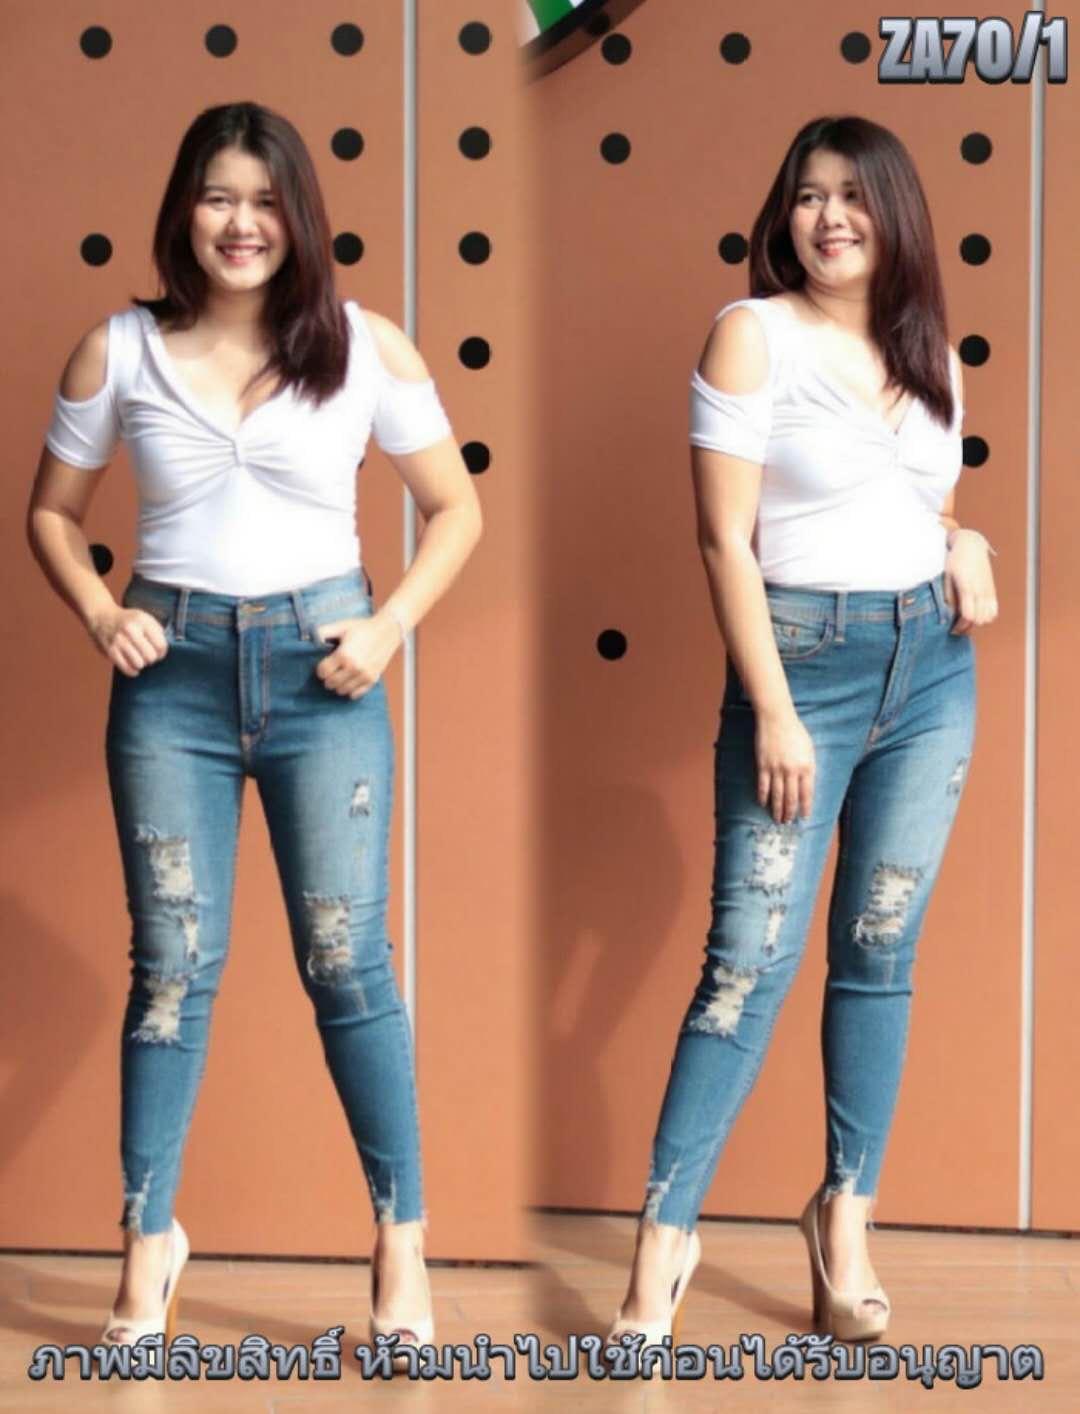 กางเกงยีนส์ไซส์ใหญ่เอวสูง ขาดหน้าขา ปลายขารุ่ย สีฟอกฟ้าเทา มี SIZE 38 40 42